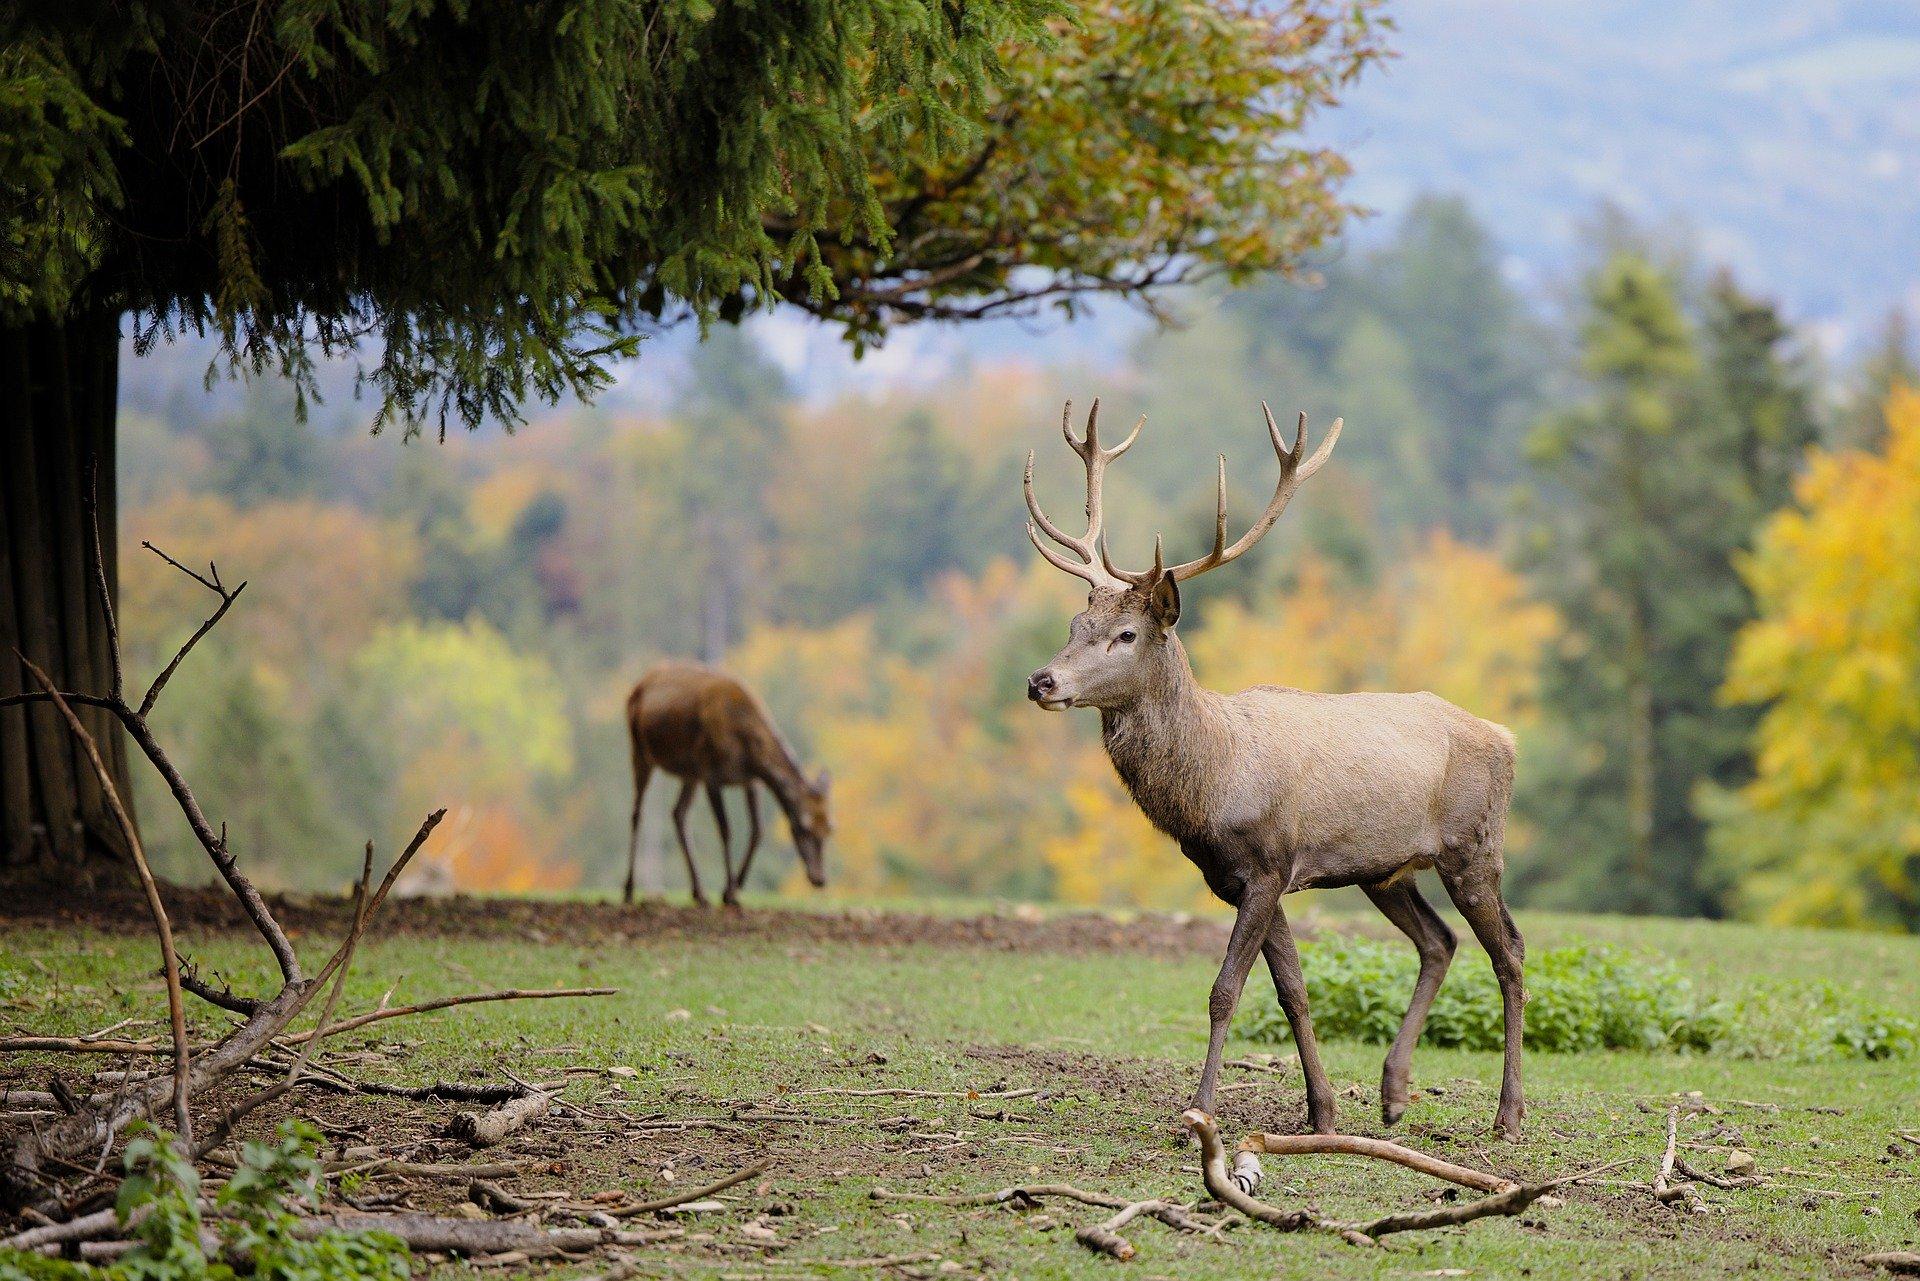 deer-5664425_1920